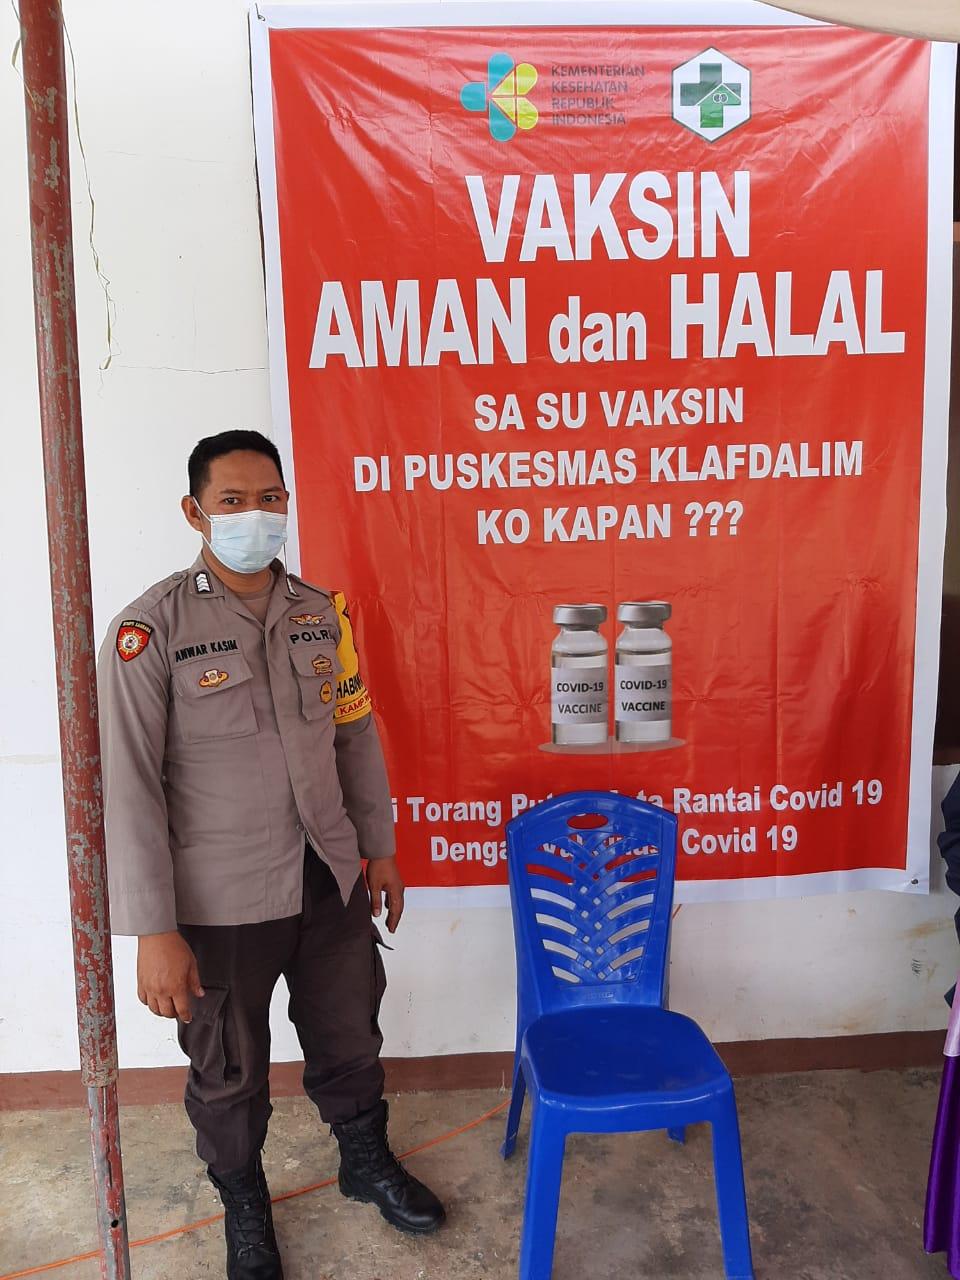 Polsek Salawati laksanakan Pengamanan Imunisasi Vaksin Covid-19 (Sinovac) Di Puskesmas Klafdalim di Kampung Klasari